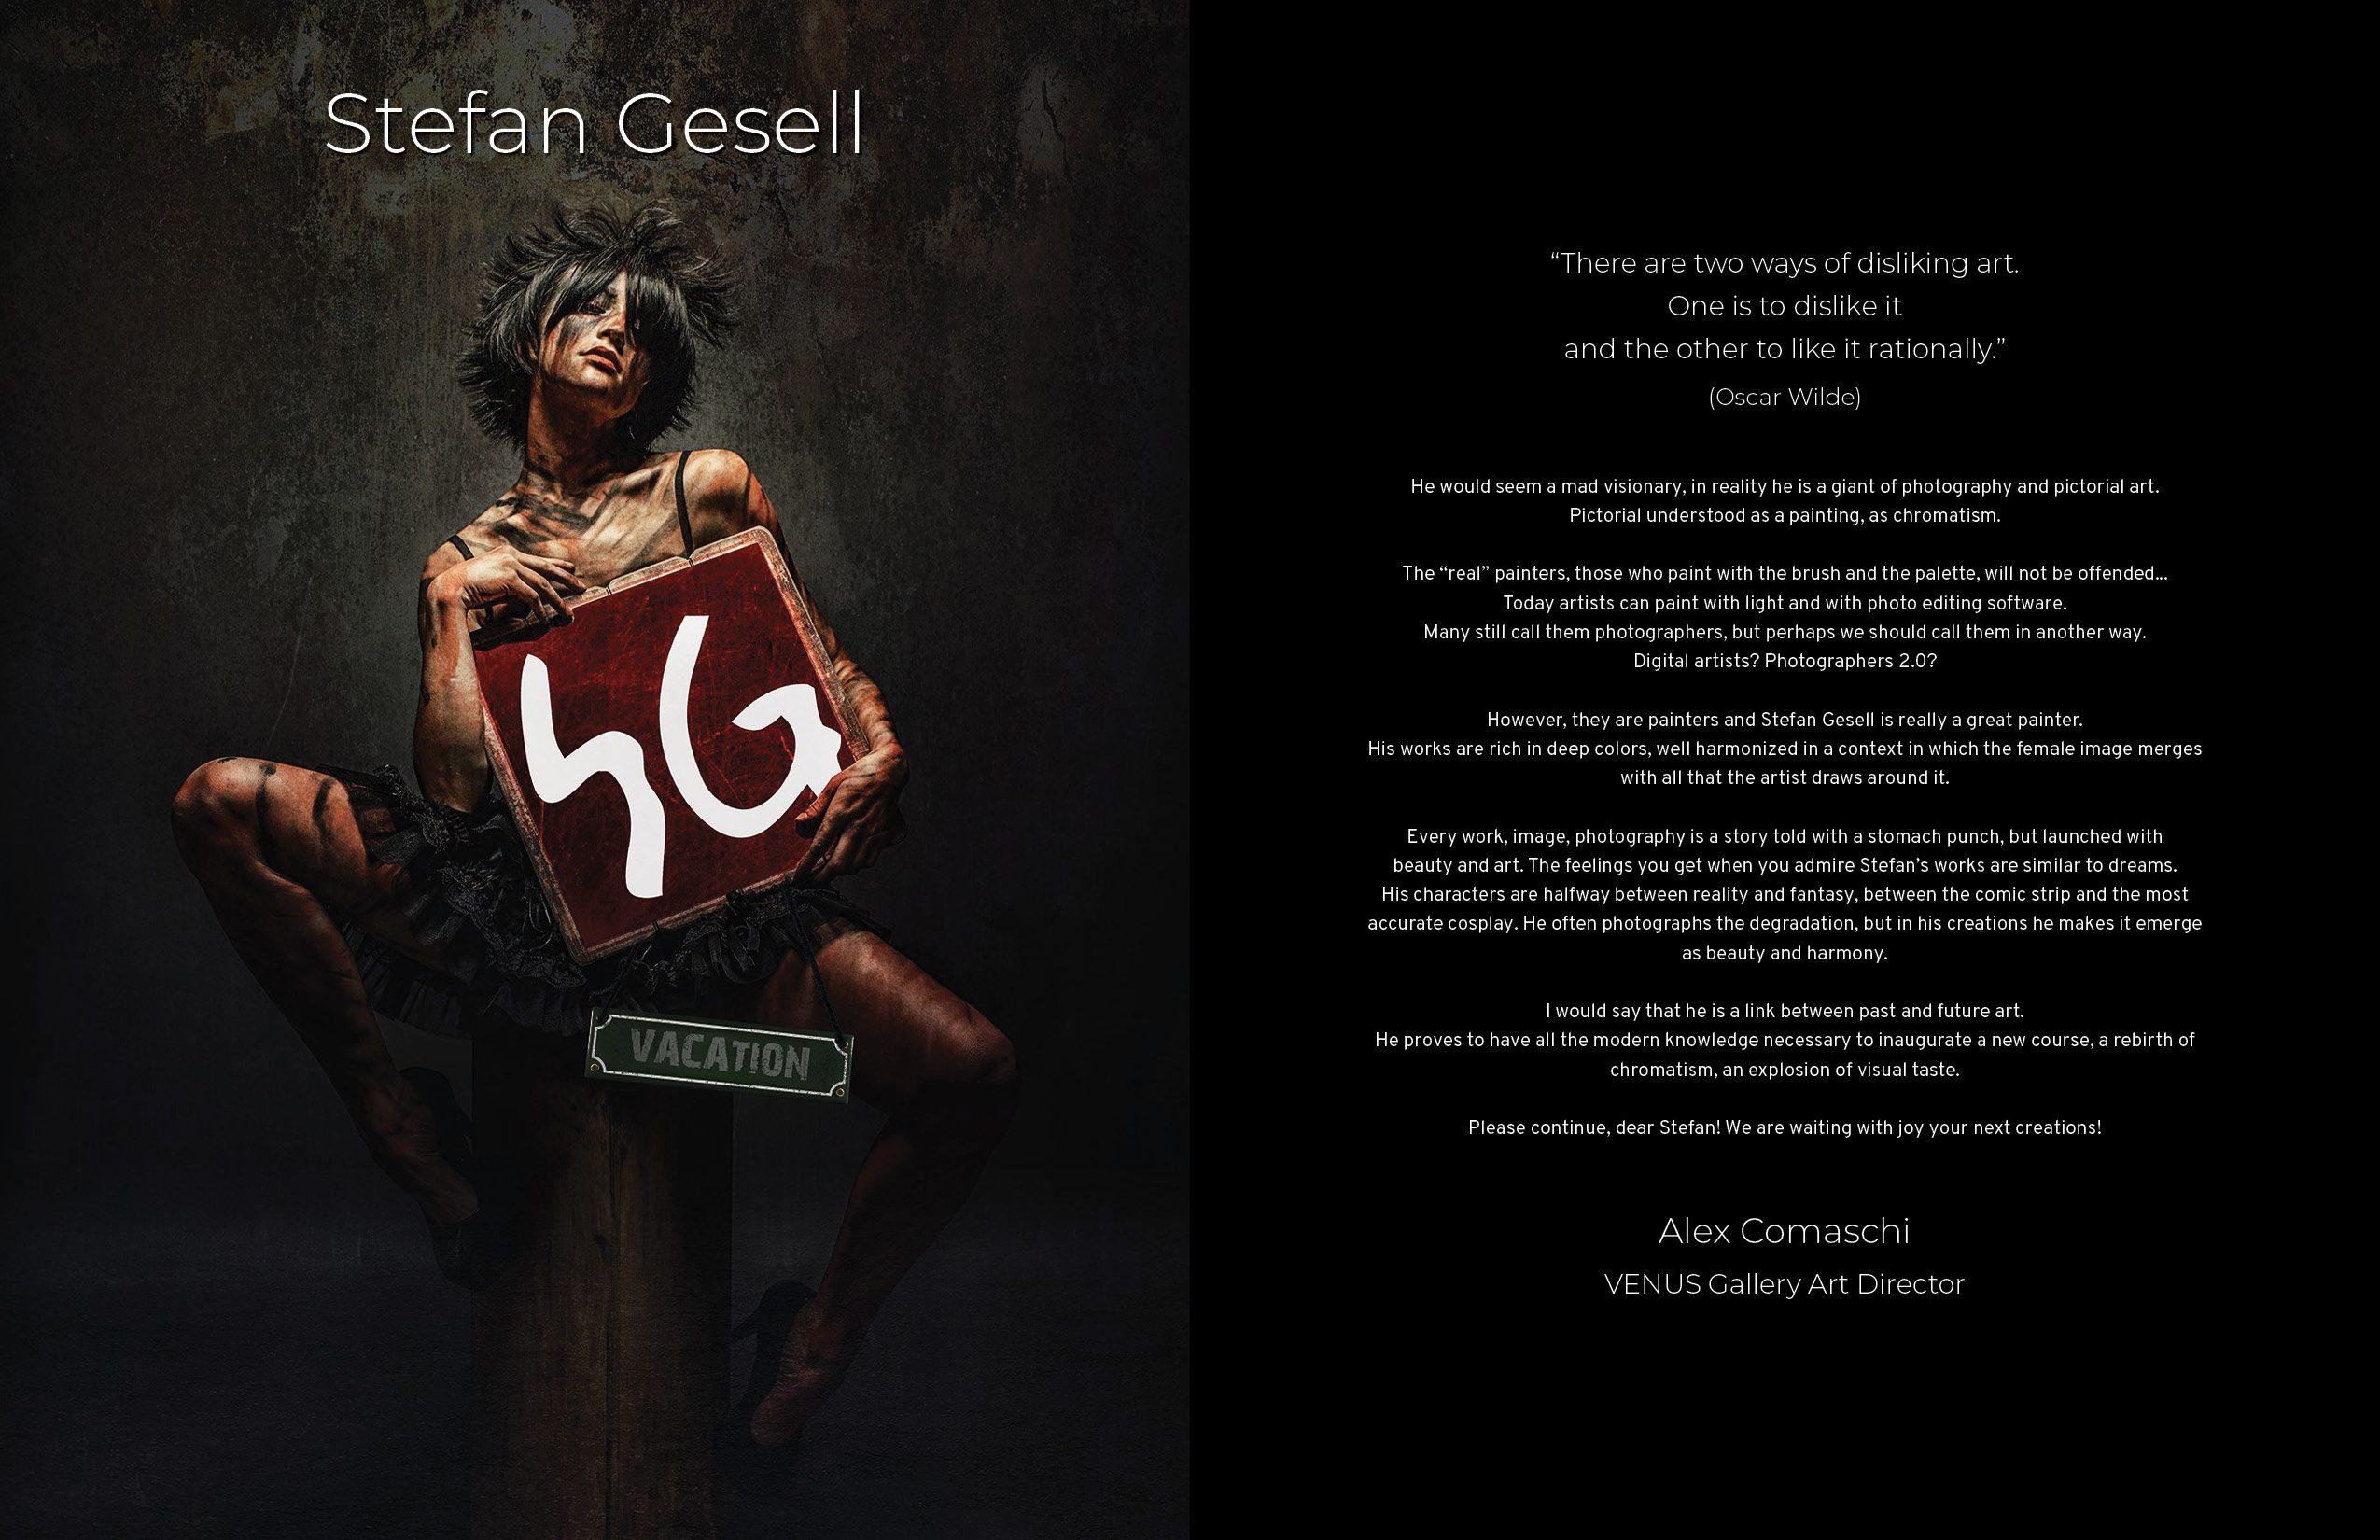 VENUS Gallery Special - Stefan Gesell